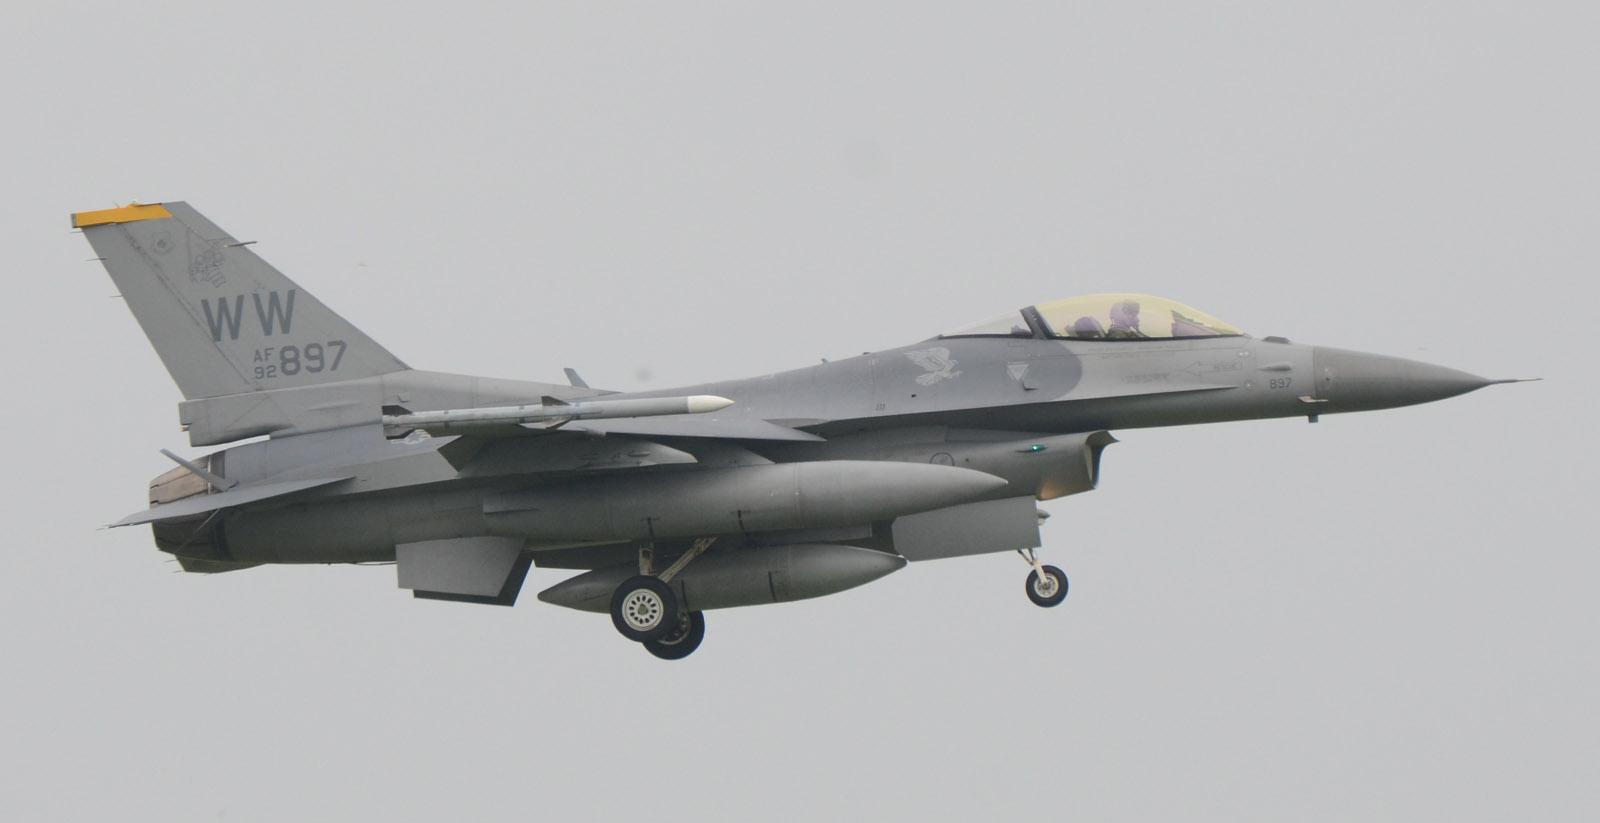 F16cm140905g037